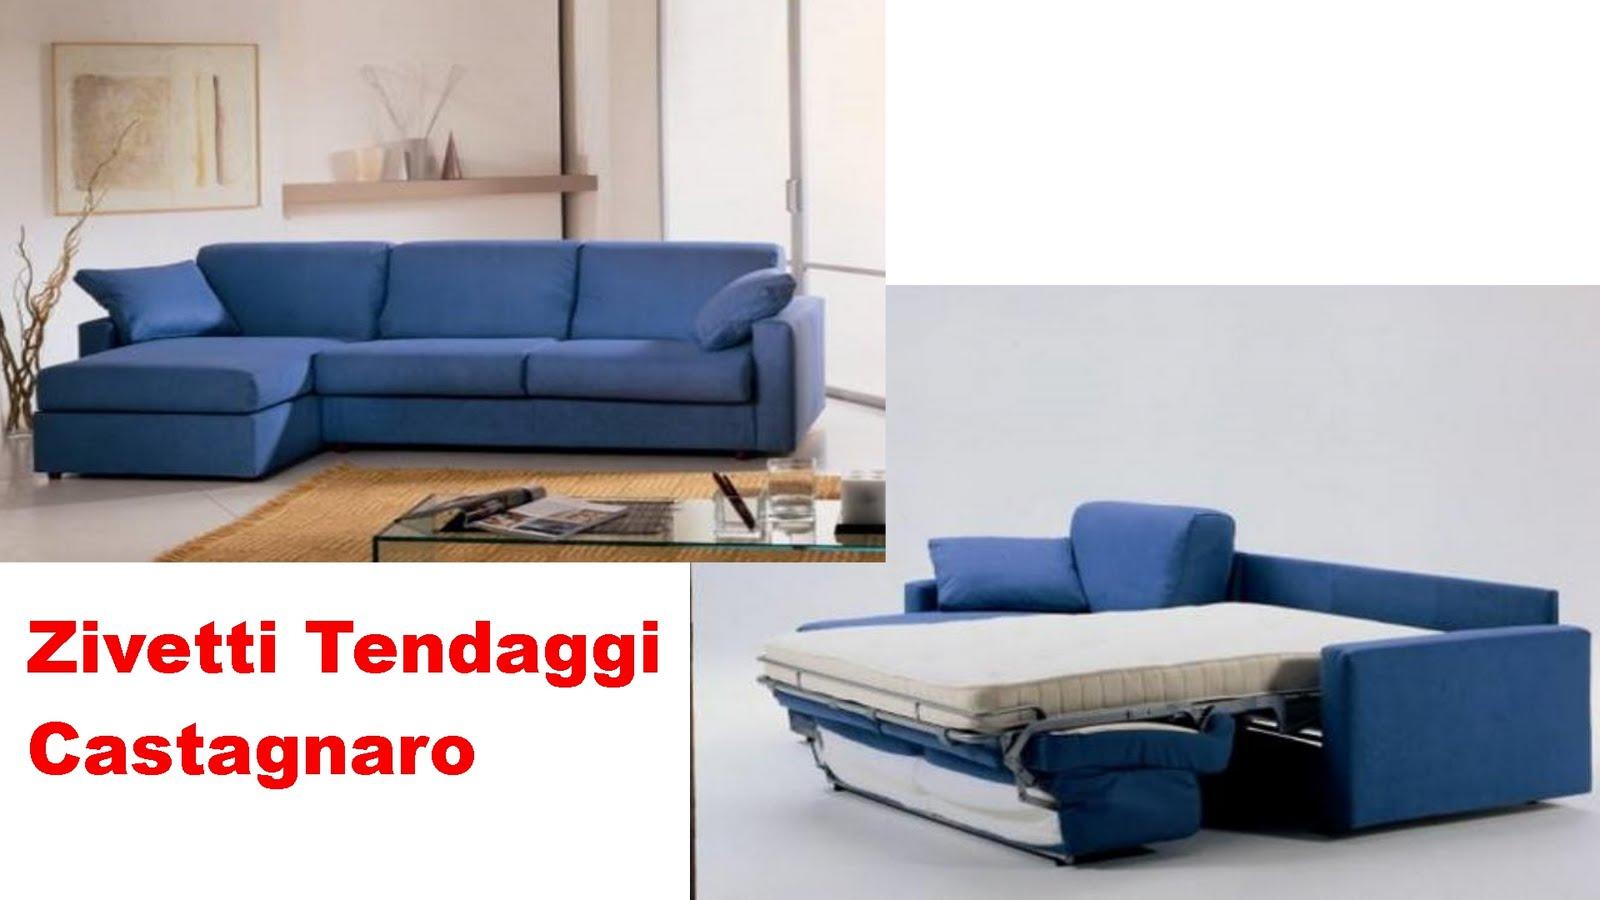 Tende materassi letti poltrone divani zilvetti tendaggi linea divani imbottiti divano letto - Divani e divani prezzi divani letto ...